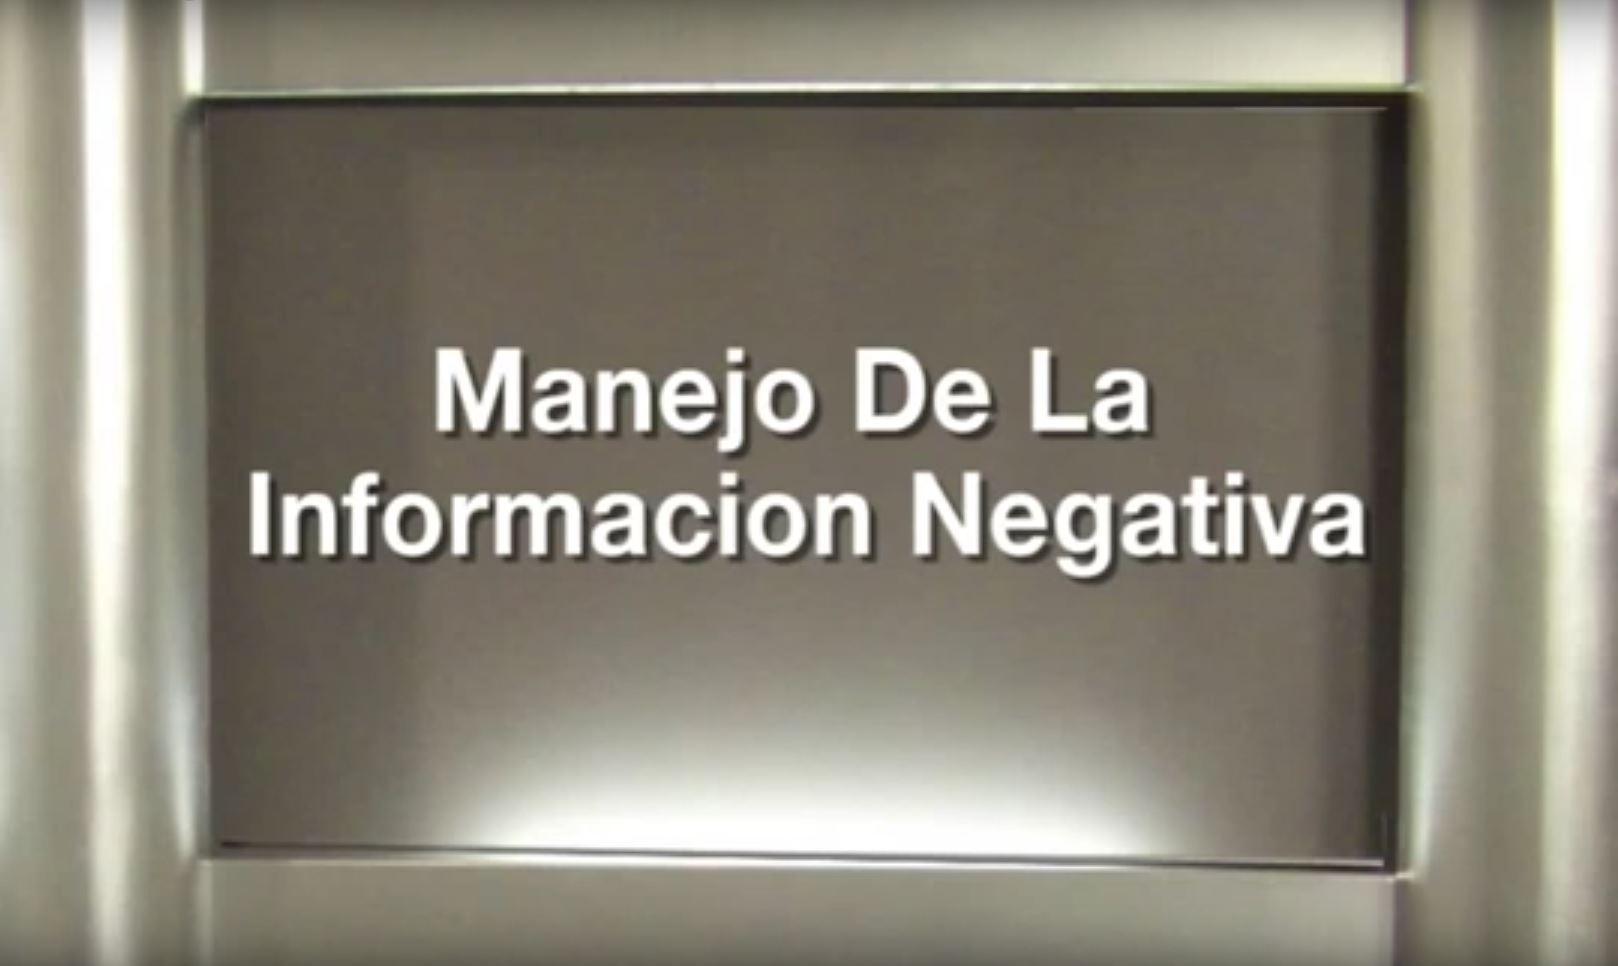 Manejo de informacion negativa